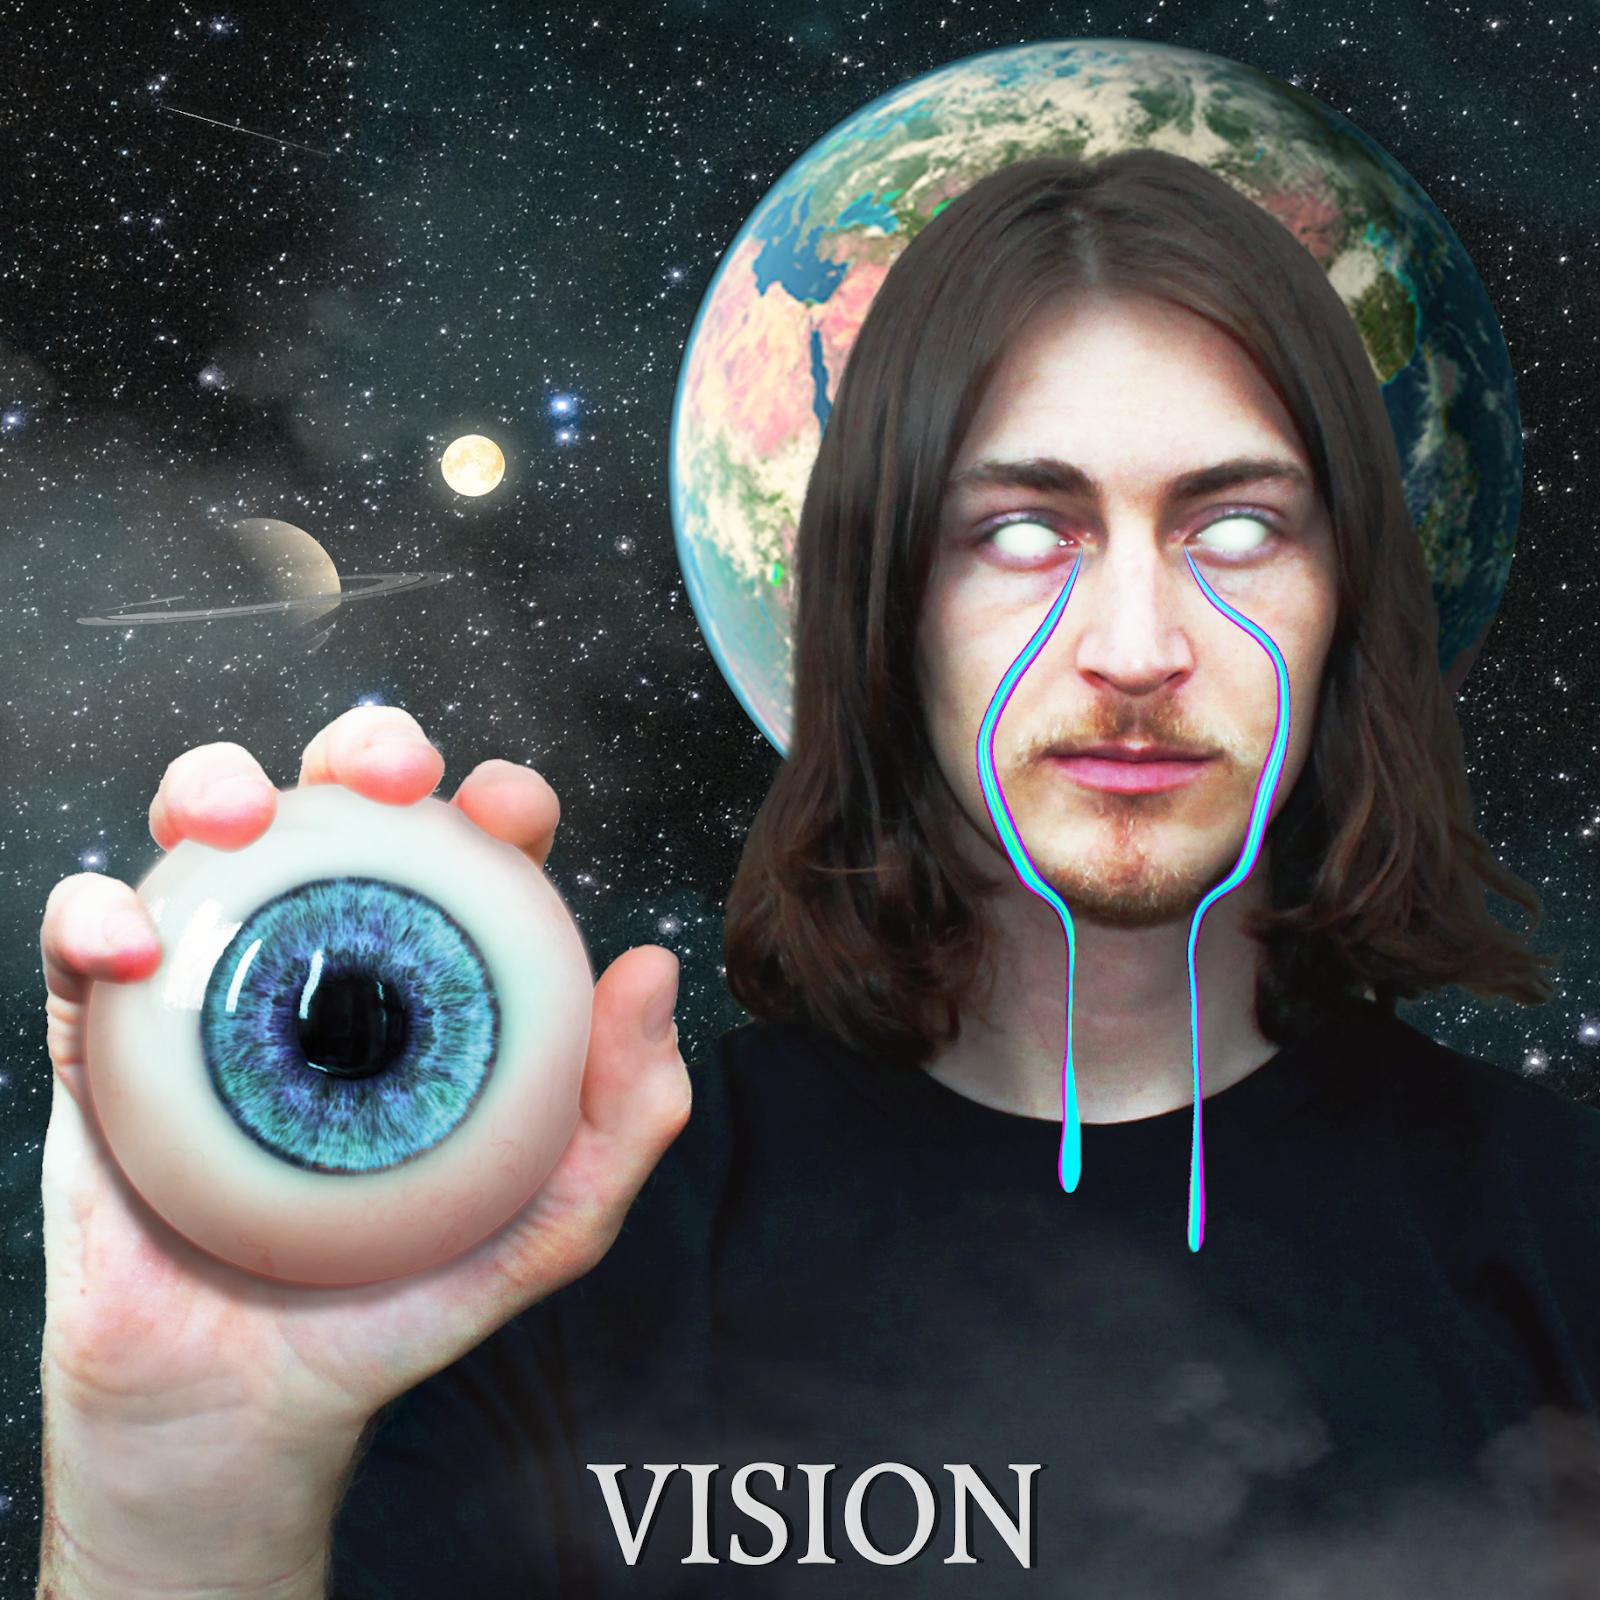 Sydney HipHop Artist Lanstan Releases Sophomore EP, 'Vision' On Diva9ja